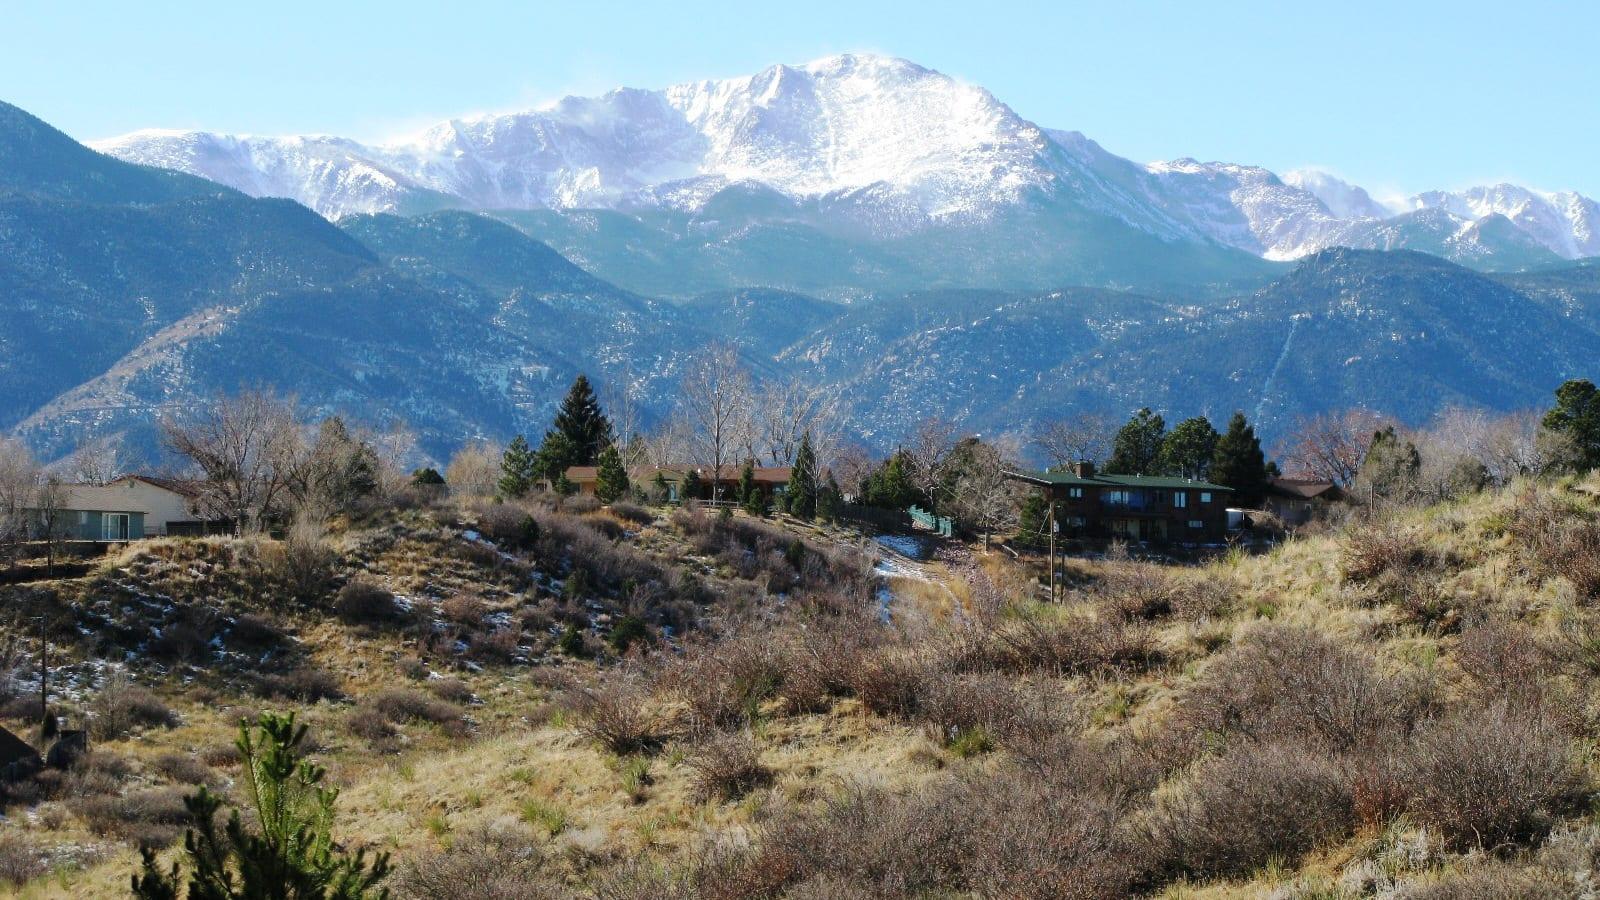 Colorado Springs Home Types Westside Neighborhood Pikes Peak